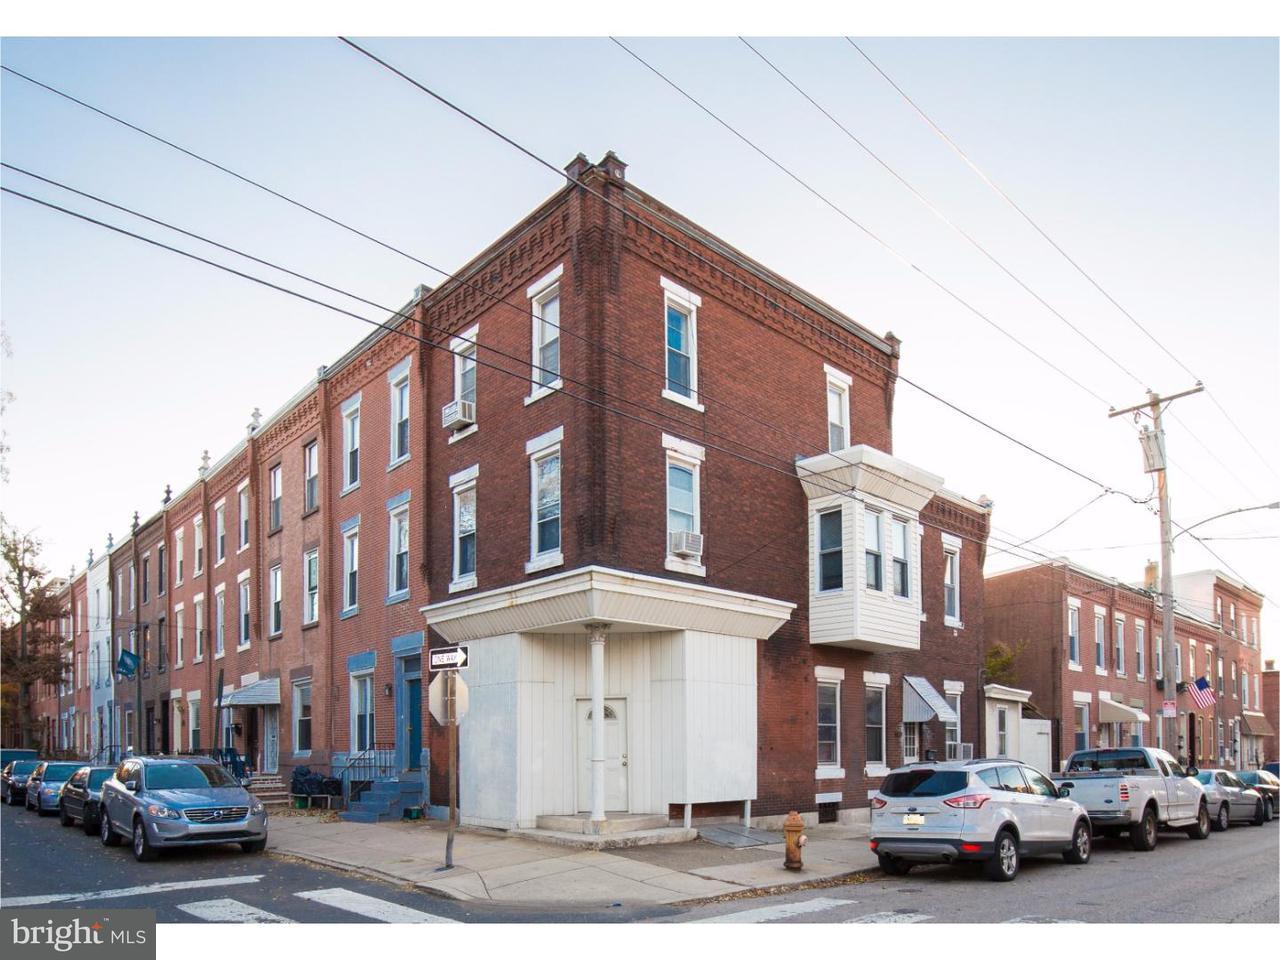 842 N 27TH Philadelphia, PA 19130